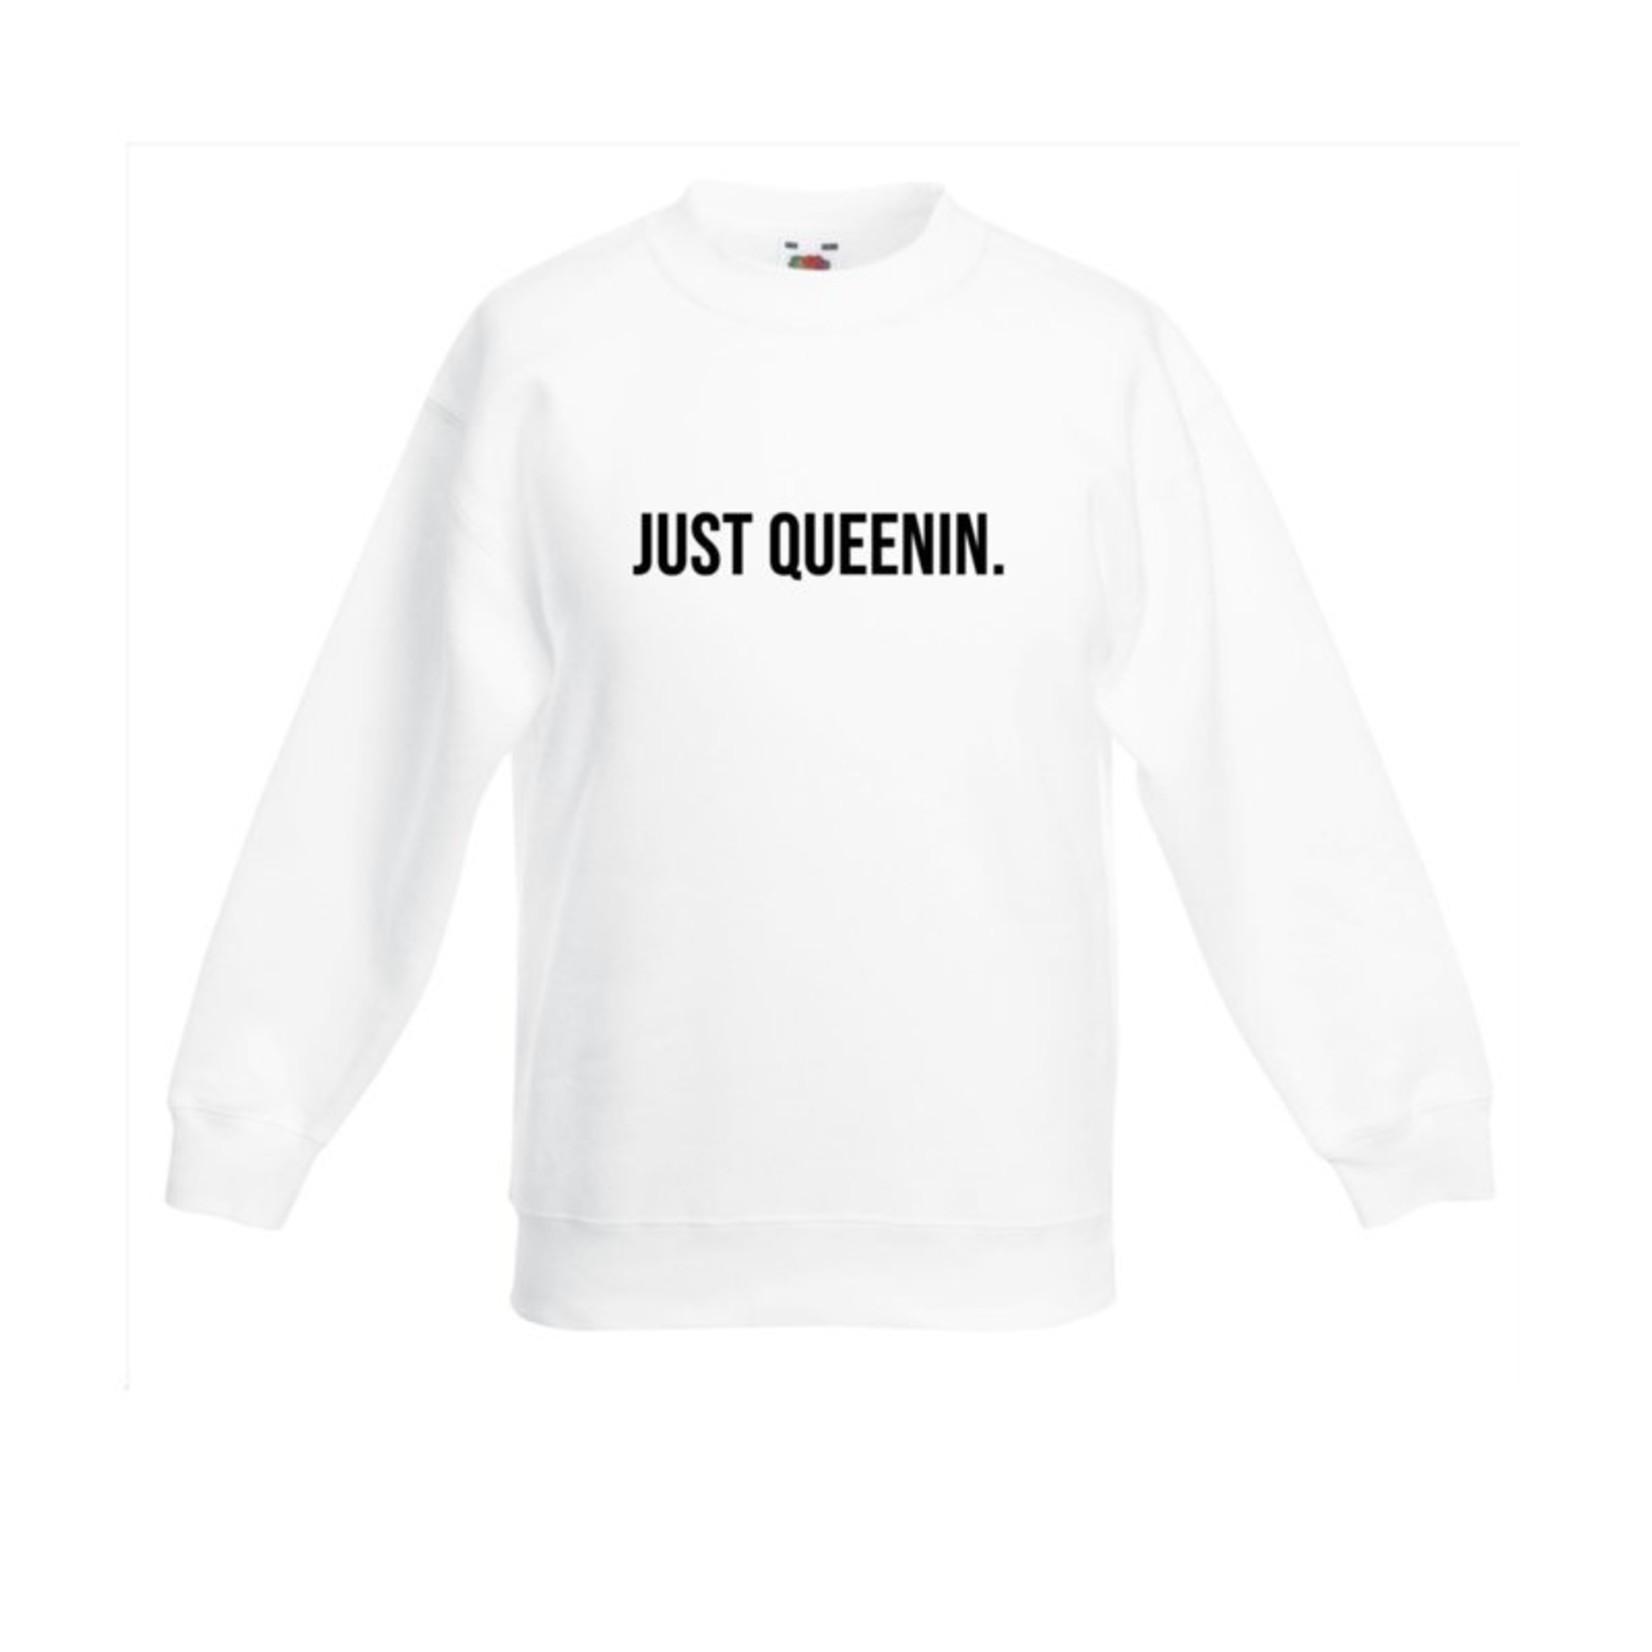 Perf not so Perf Sweater just queenin